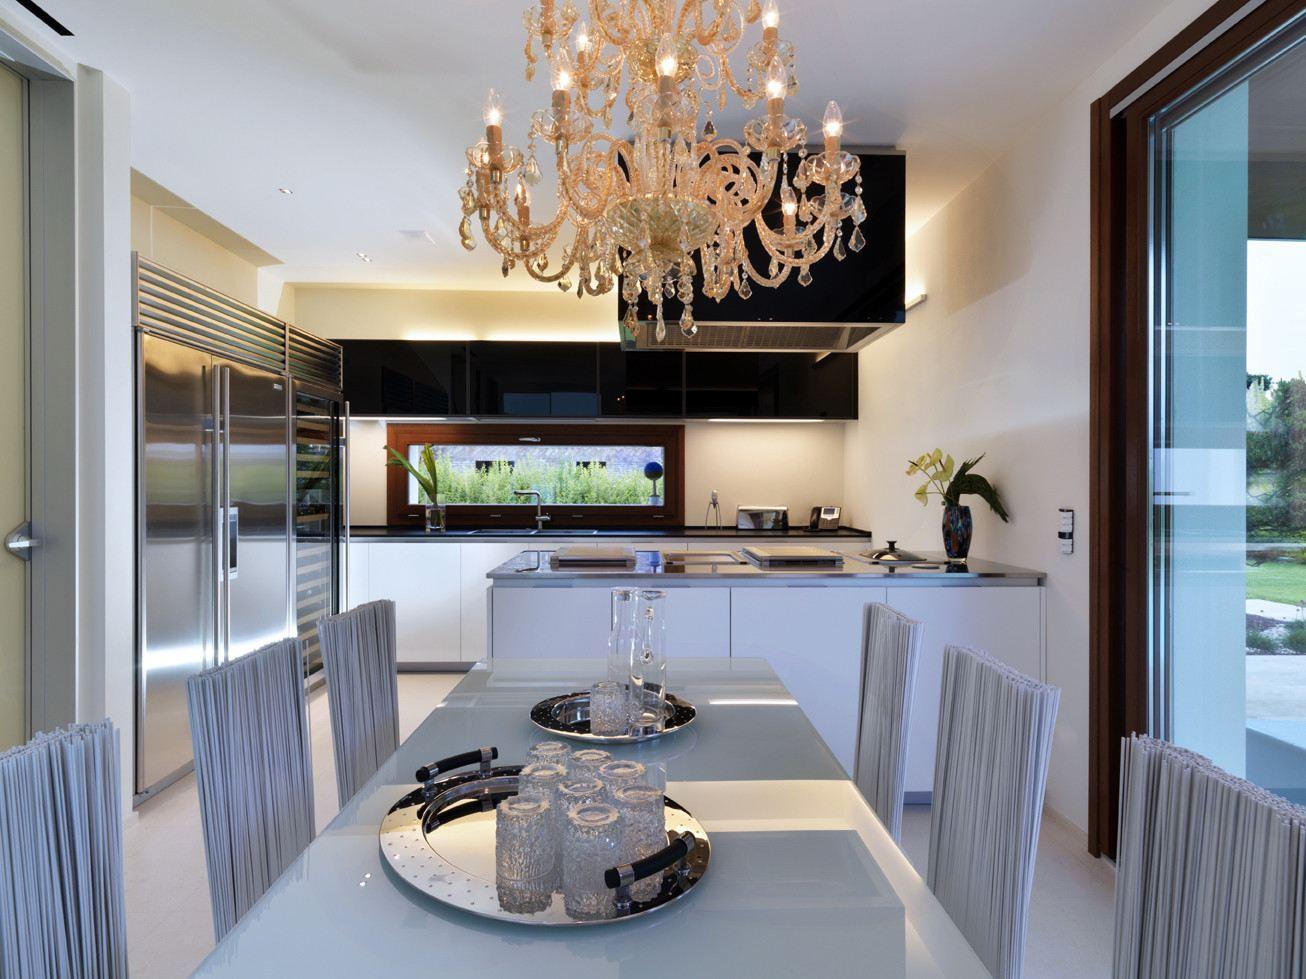 La casa della luce a bologna - Design giardino casa ...